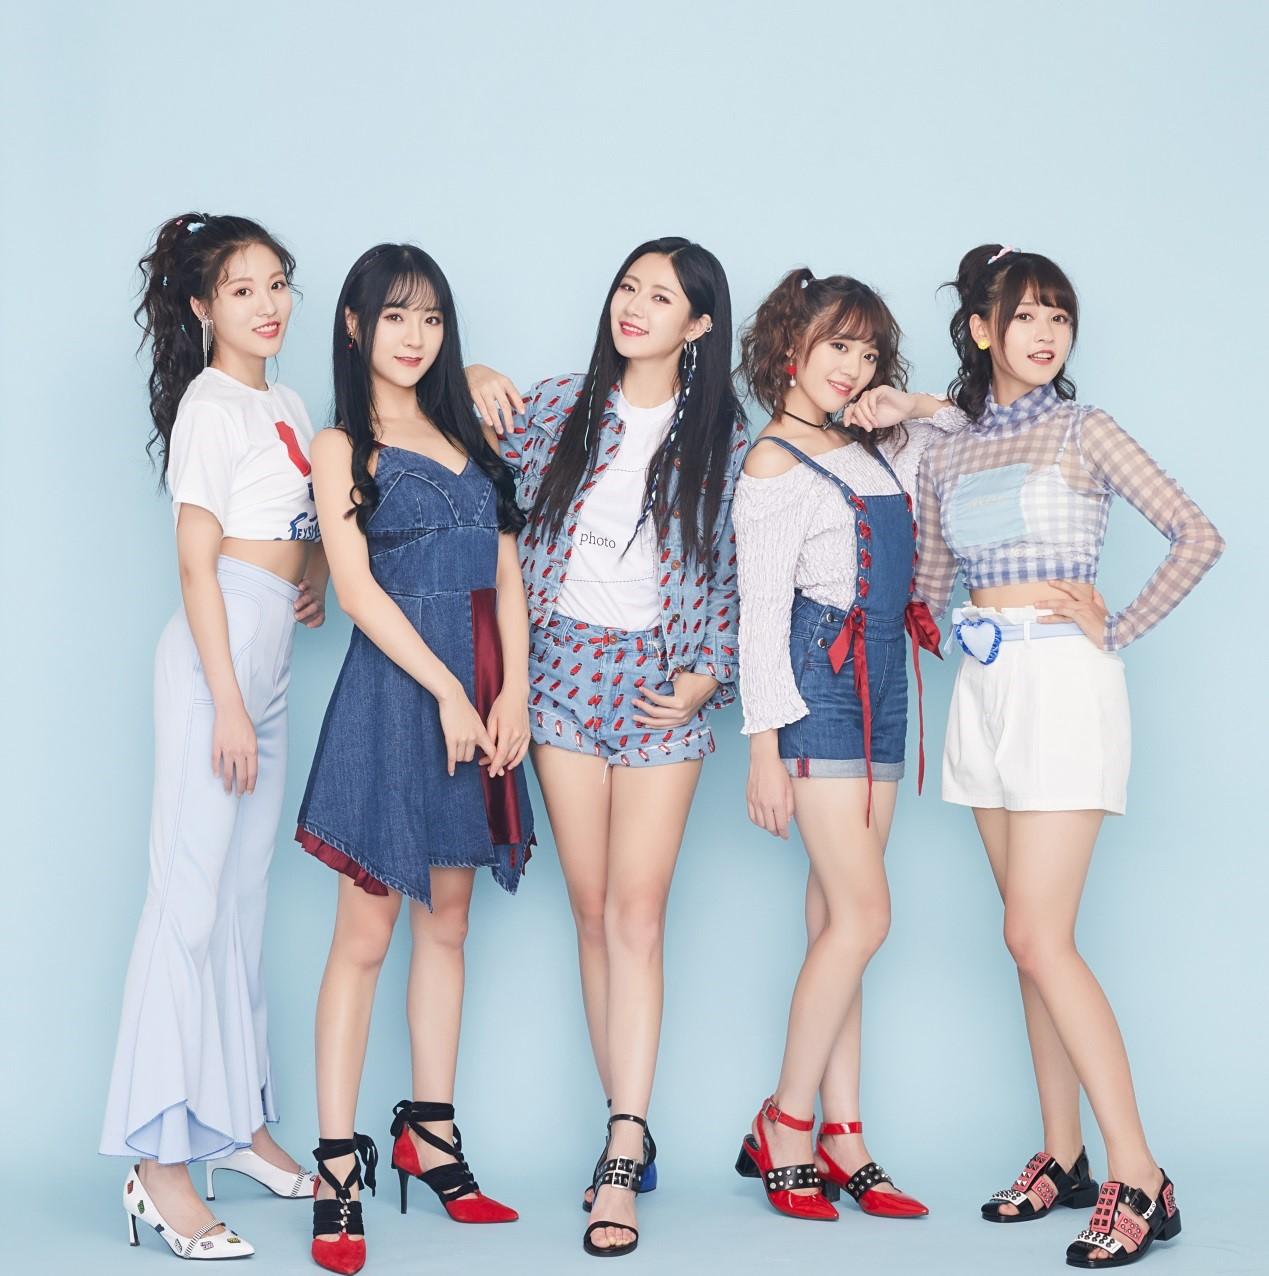 SNH48 GROUP第五届年度金曲大赏1月19日广州举办候选歌曲公布